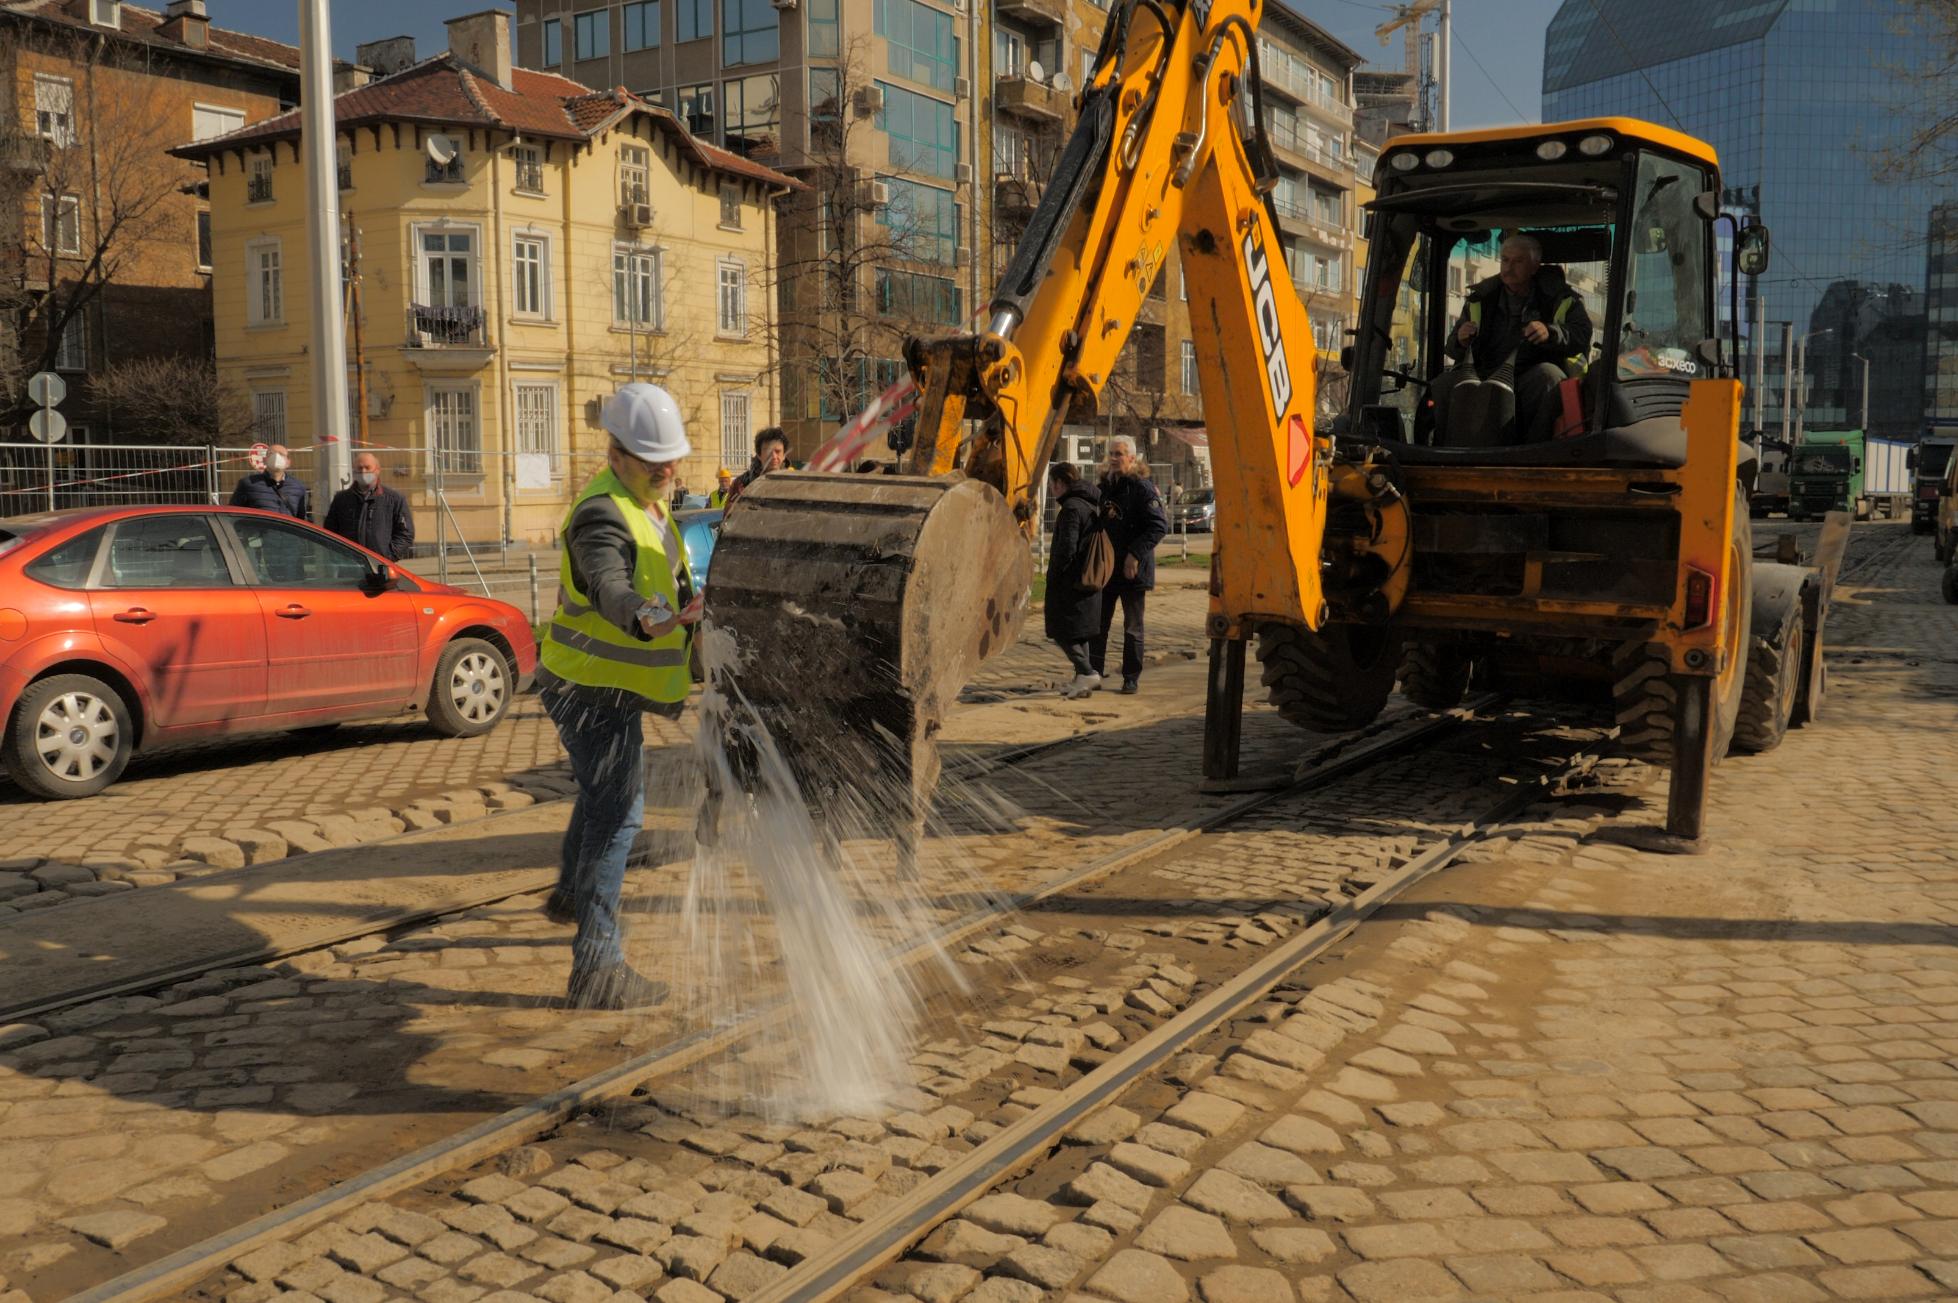 На 5 - 6 минути ще се движат автобусите по линията на Петицата в София